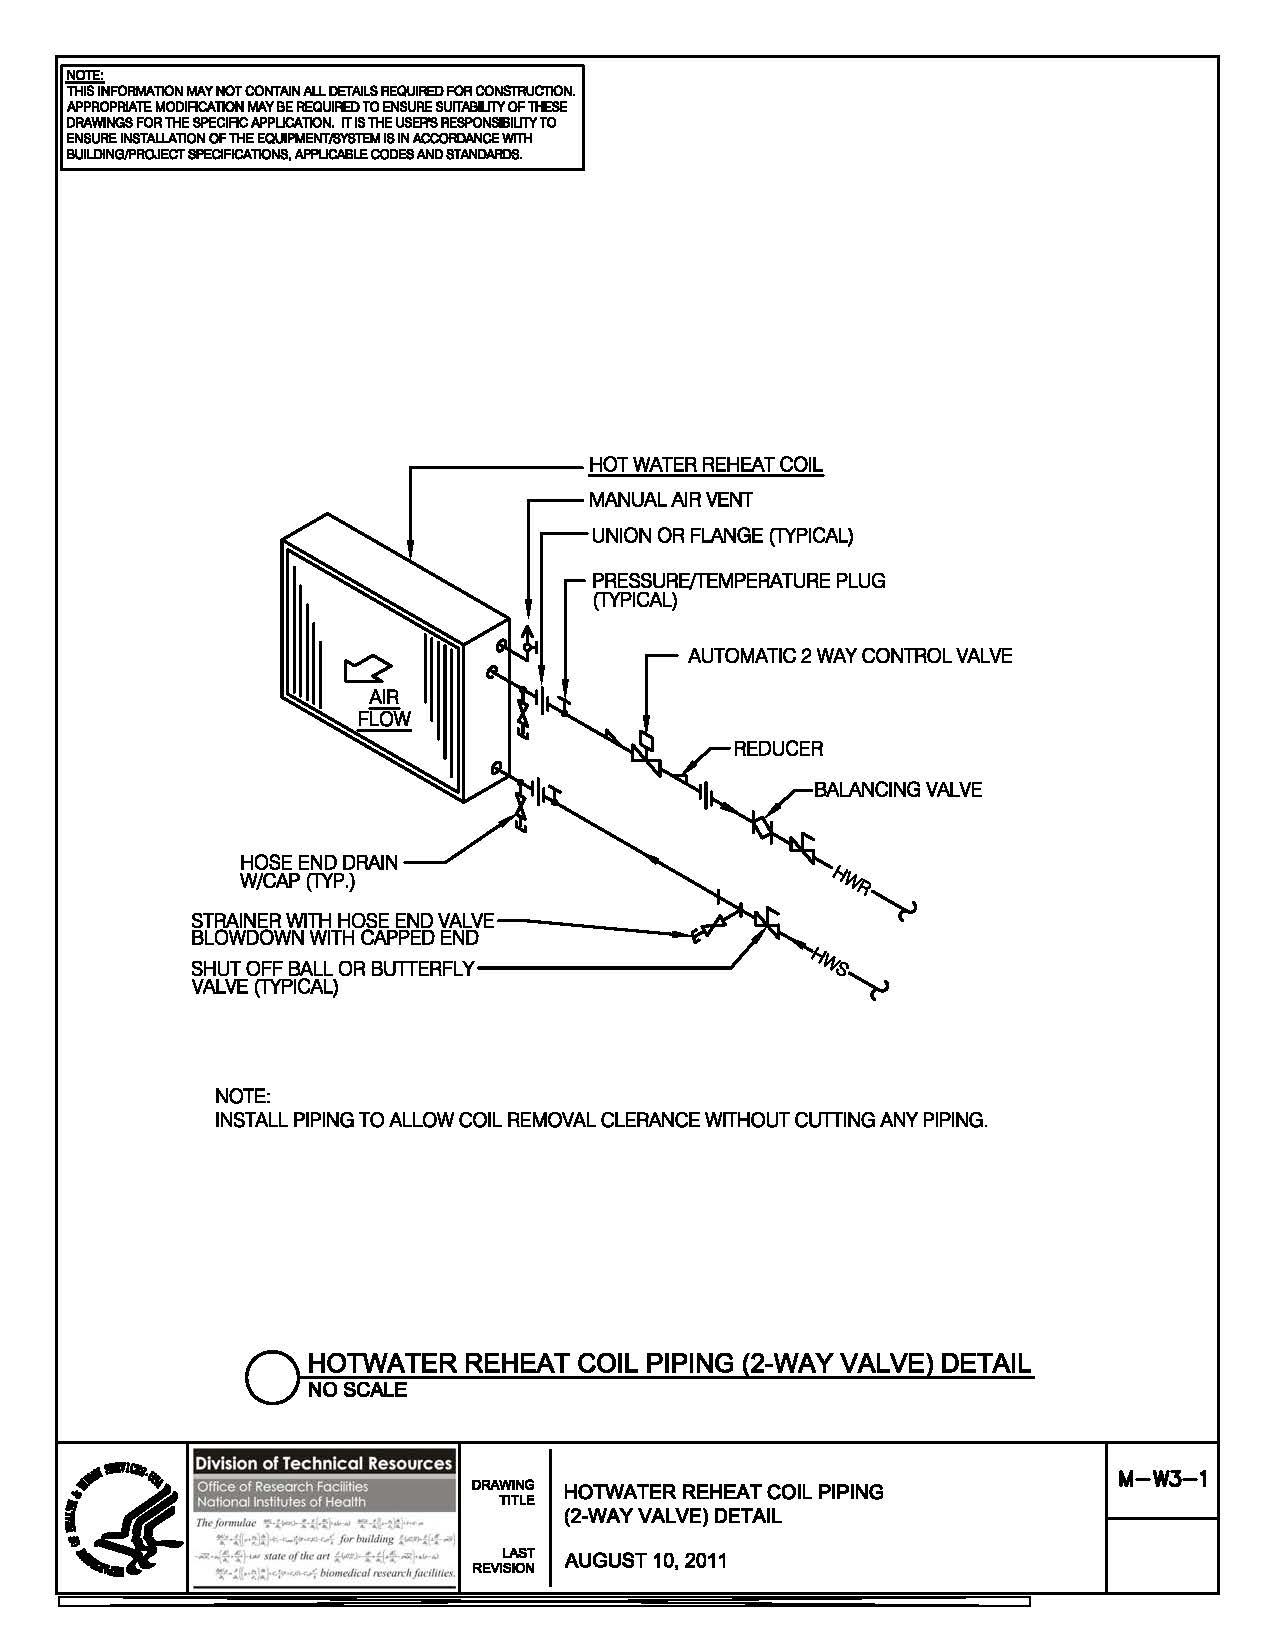 fcu hook up dwg Download hvac hook up home autocad blocks details drawings dwg hook up hvac download hvac hook up autocad fan coil unit details and hook up fcu.